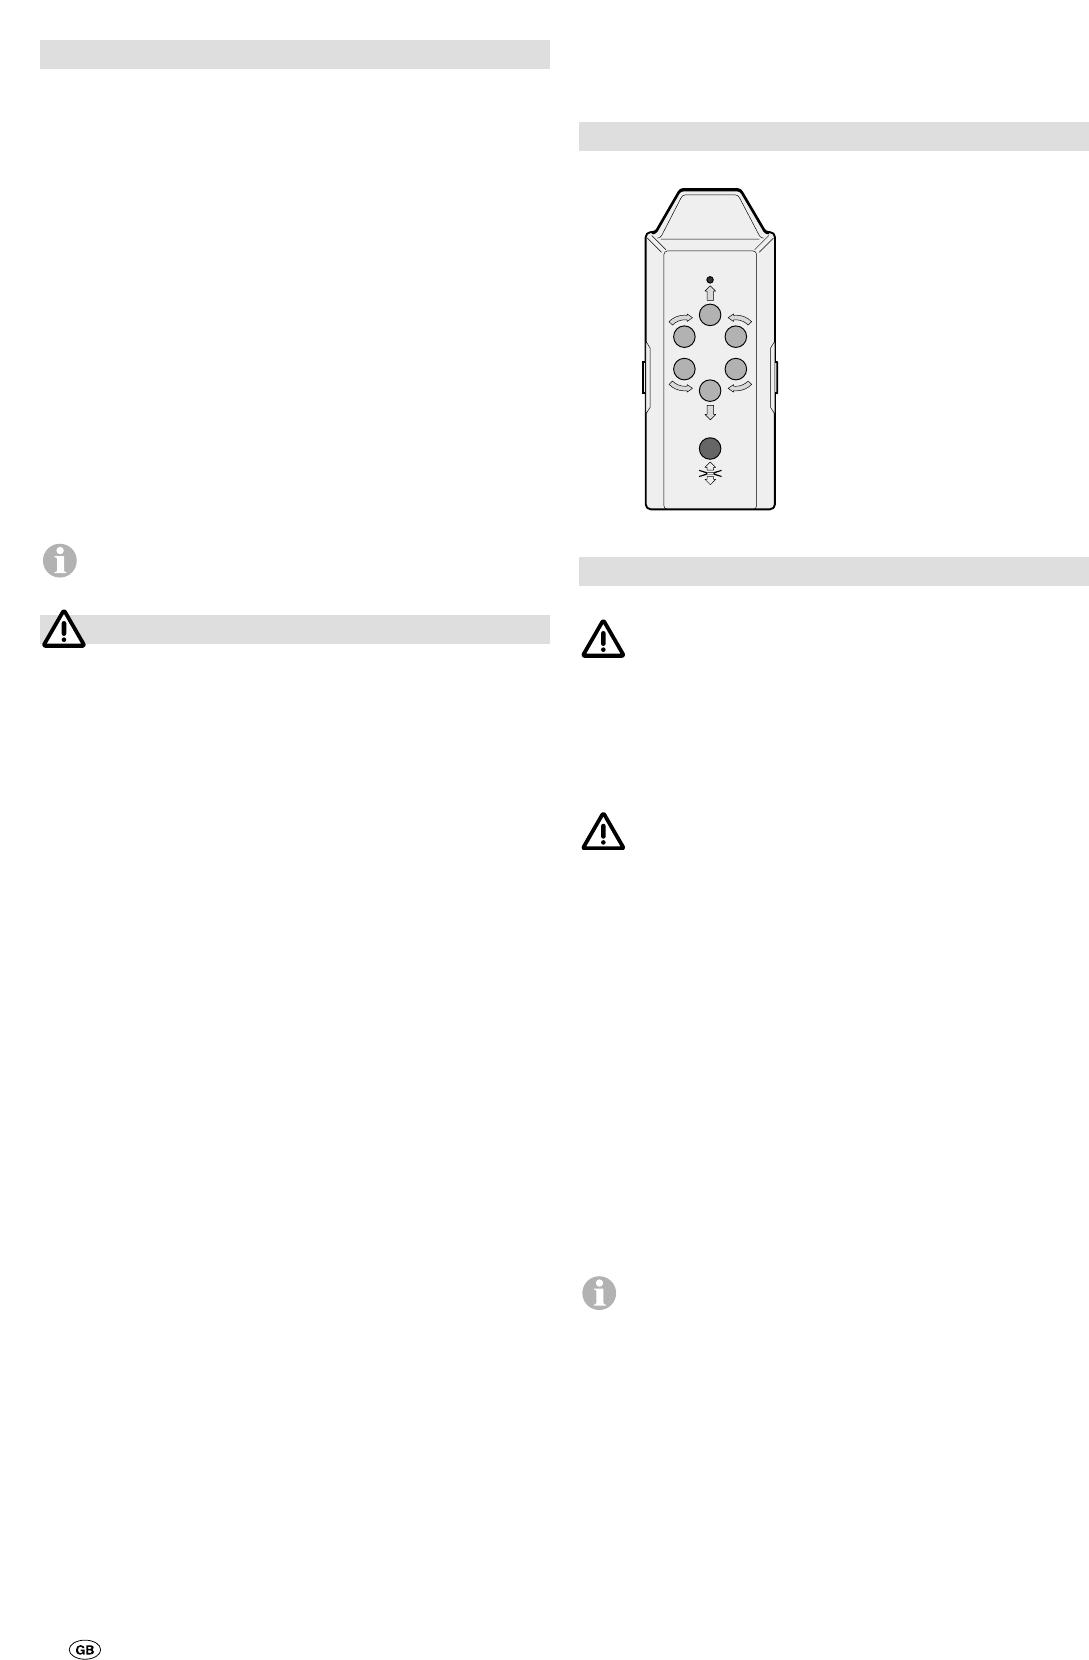 Caravan Mover Wiring Diagram Library Handleiding Truma Euro Met Abe Pagina 14 Van 54